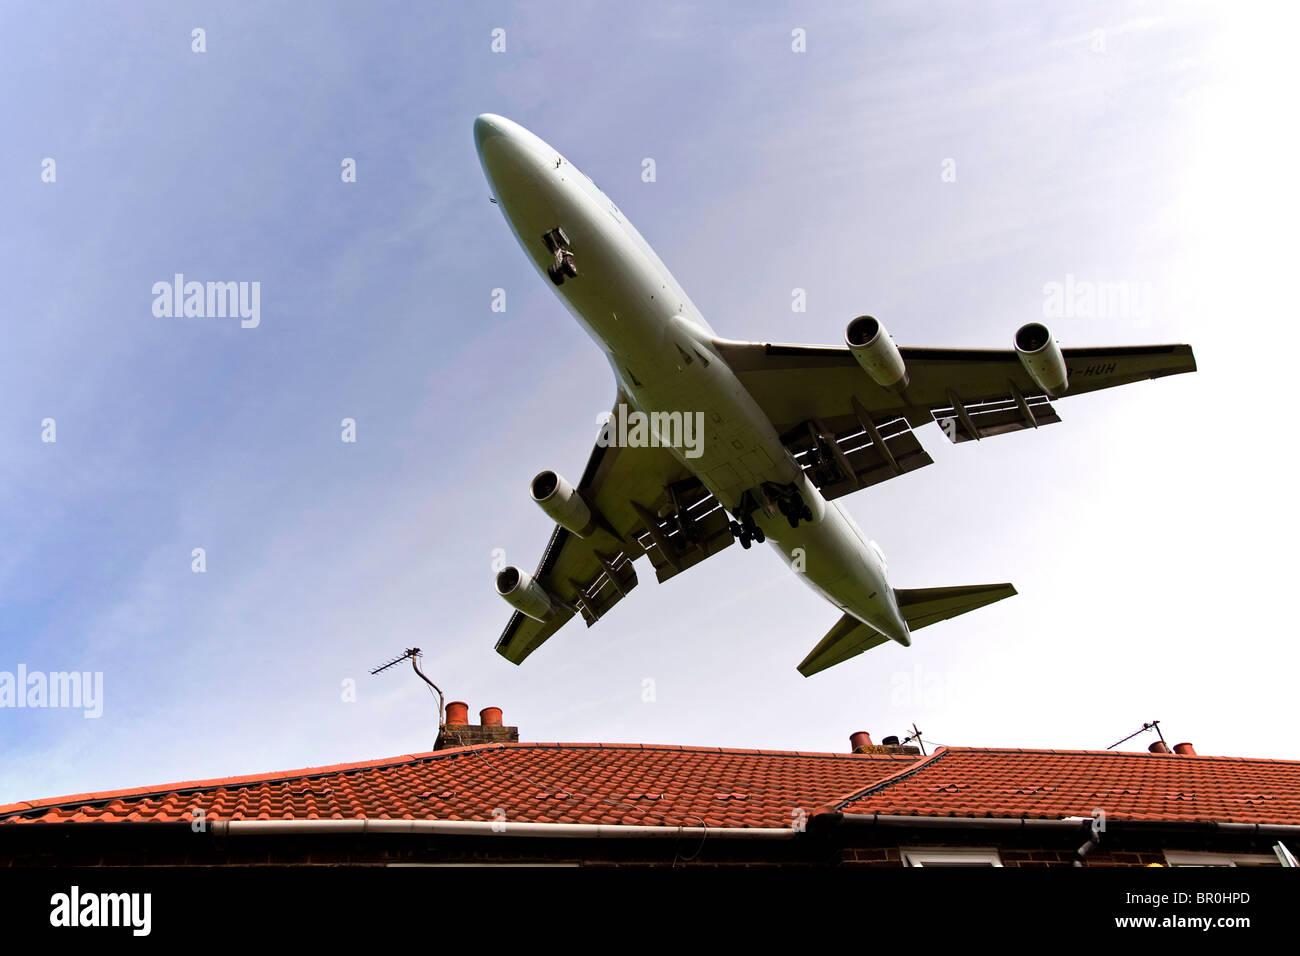 L'atterrissage d'un Boeing 747 jumbo jet au-dessus des toits de la maison à l'extrémité Photo Stock